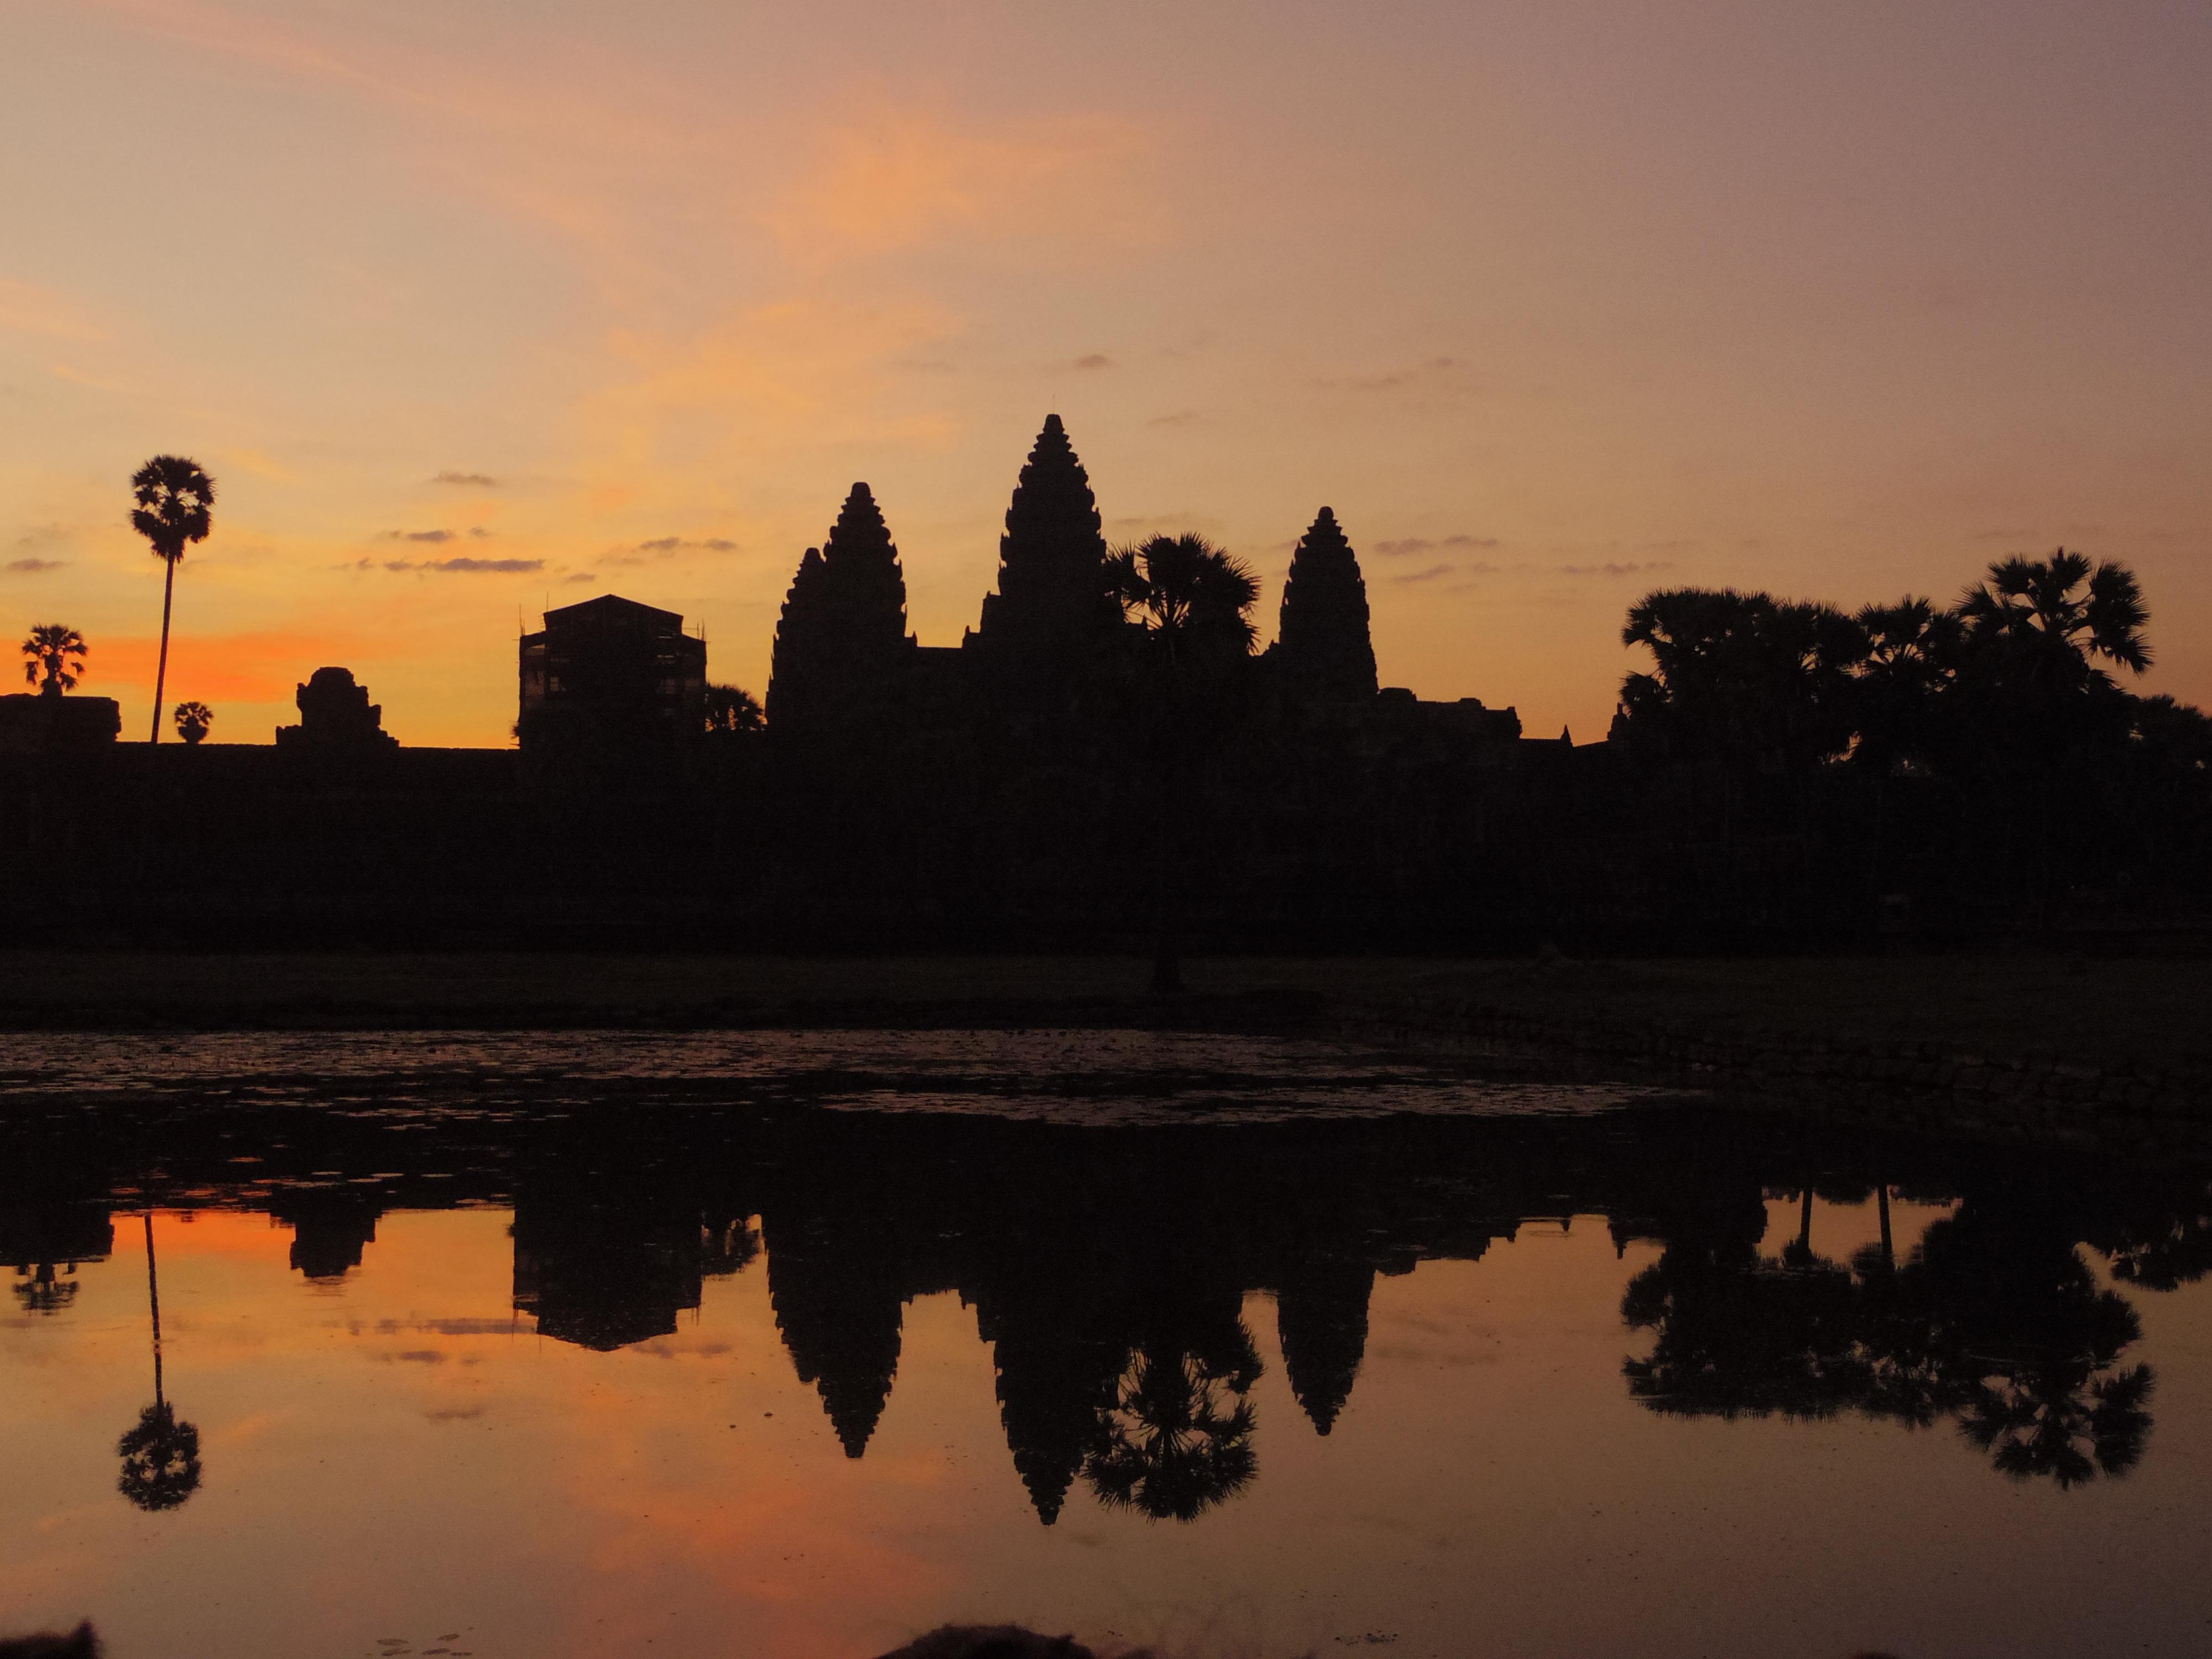 カンボジアで絶対に気をつけてほしいこと!!詐欺を目の当たりにして・・・